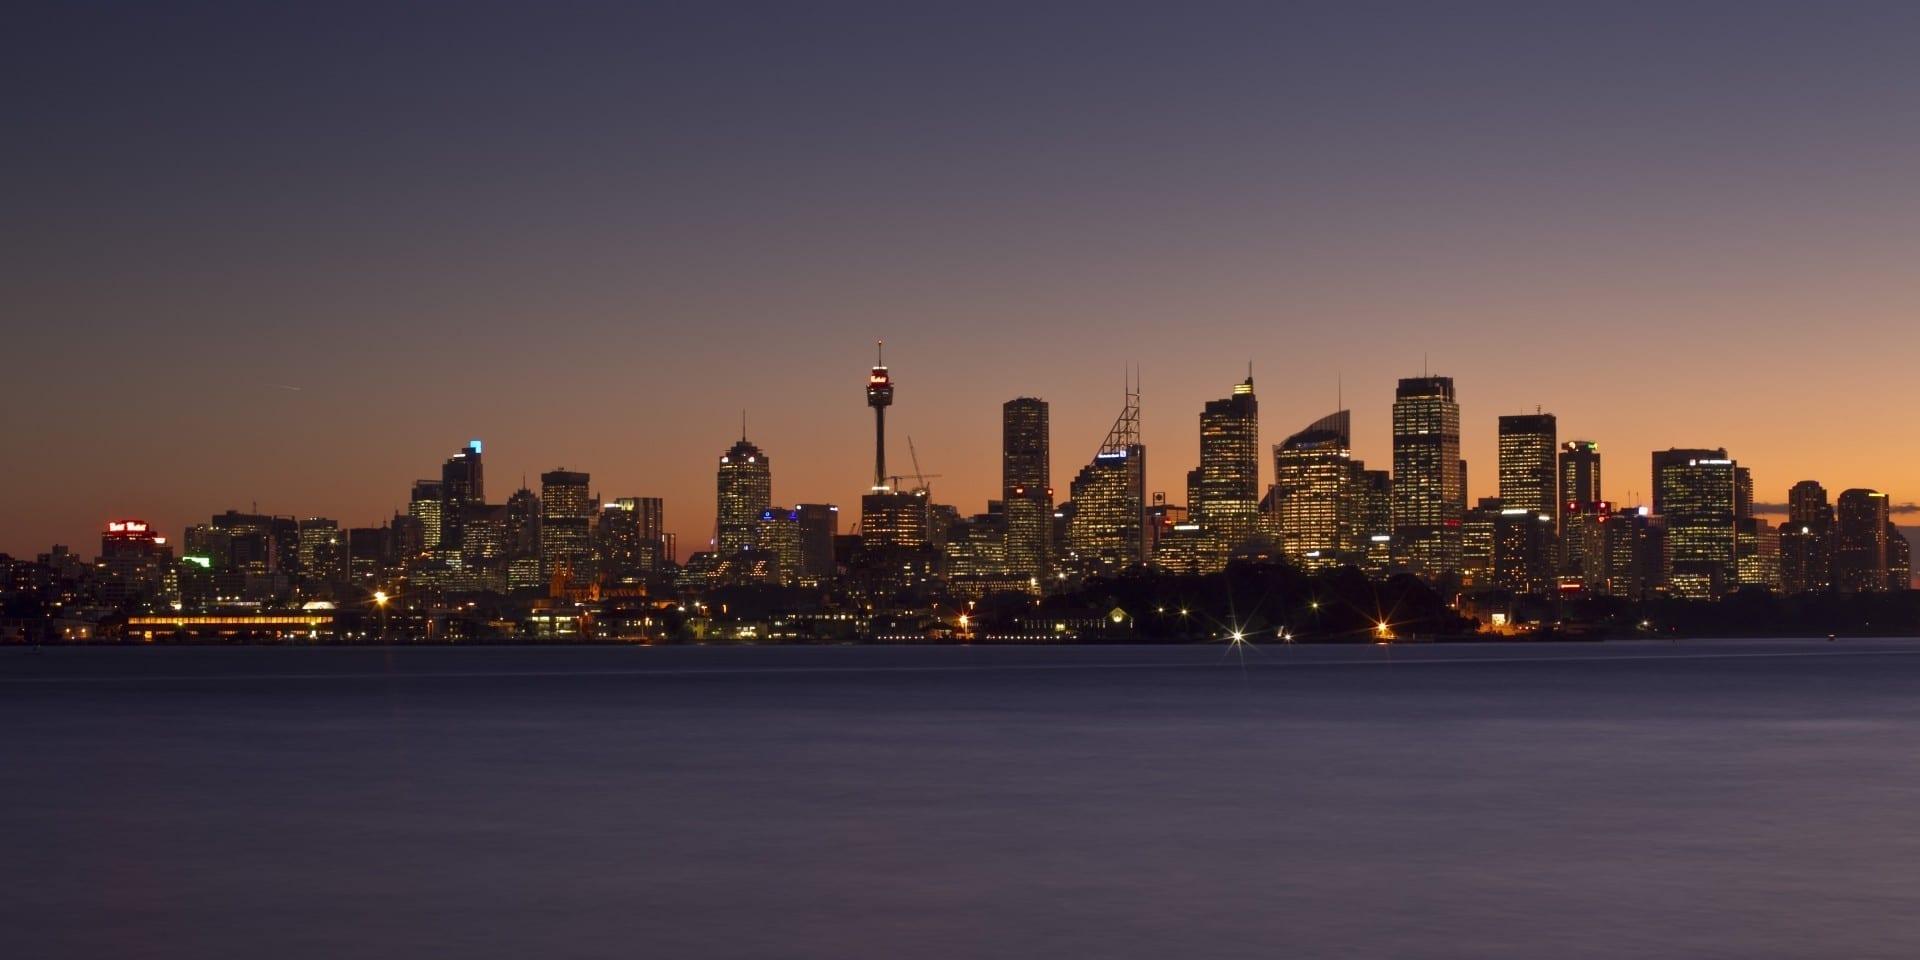 El horizonte del Distrito Central de Negocios de Sydney en 2011. Sídney Australia